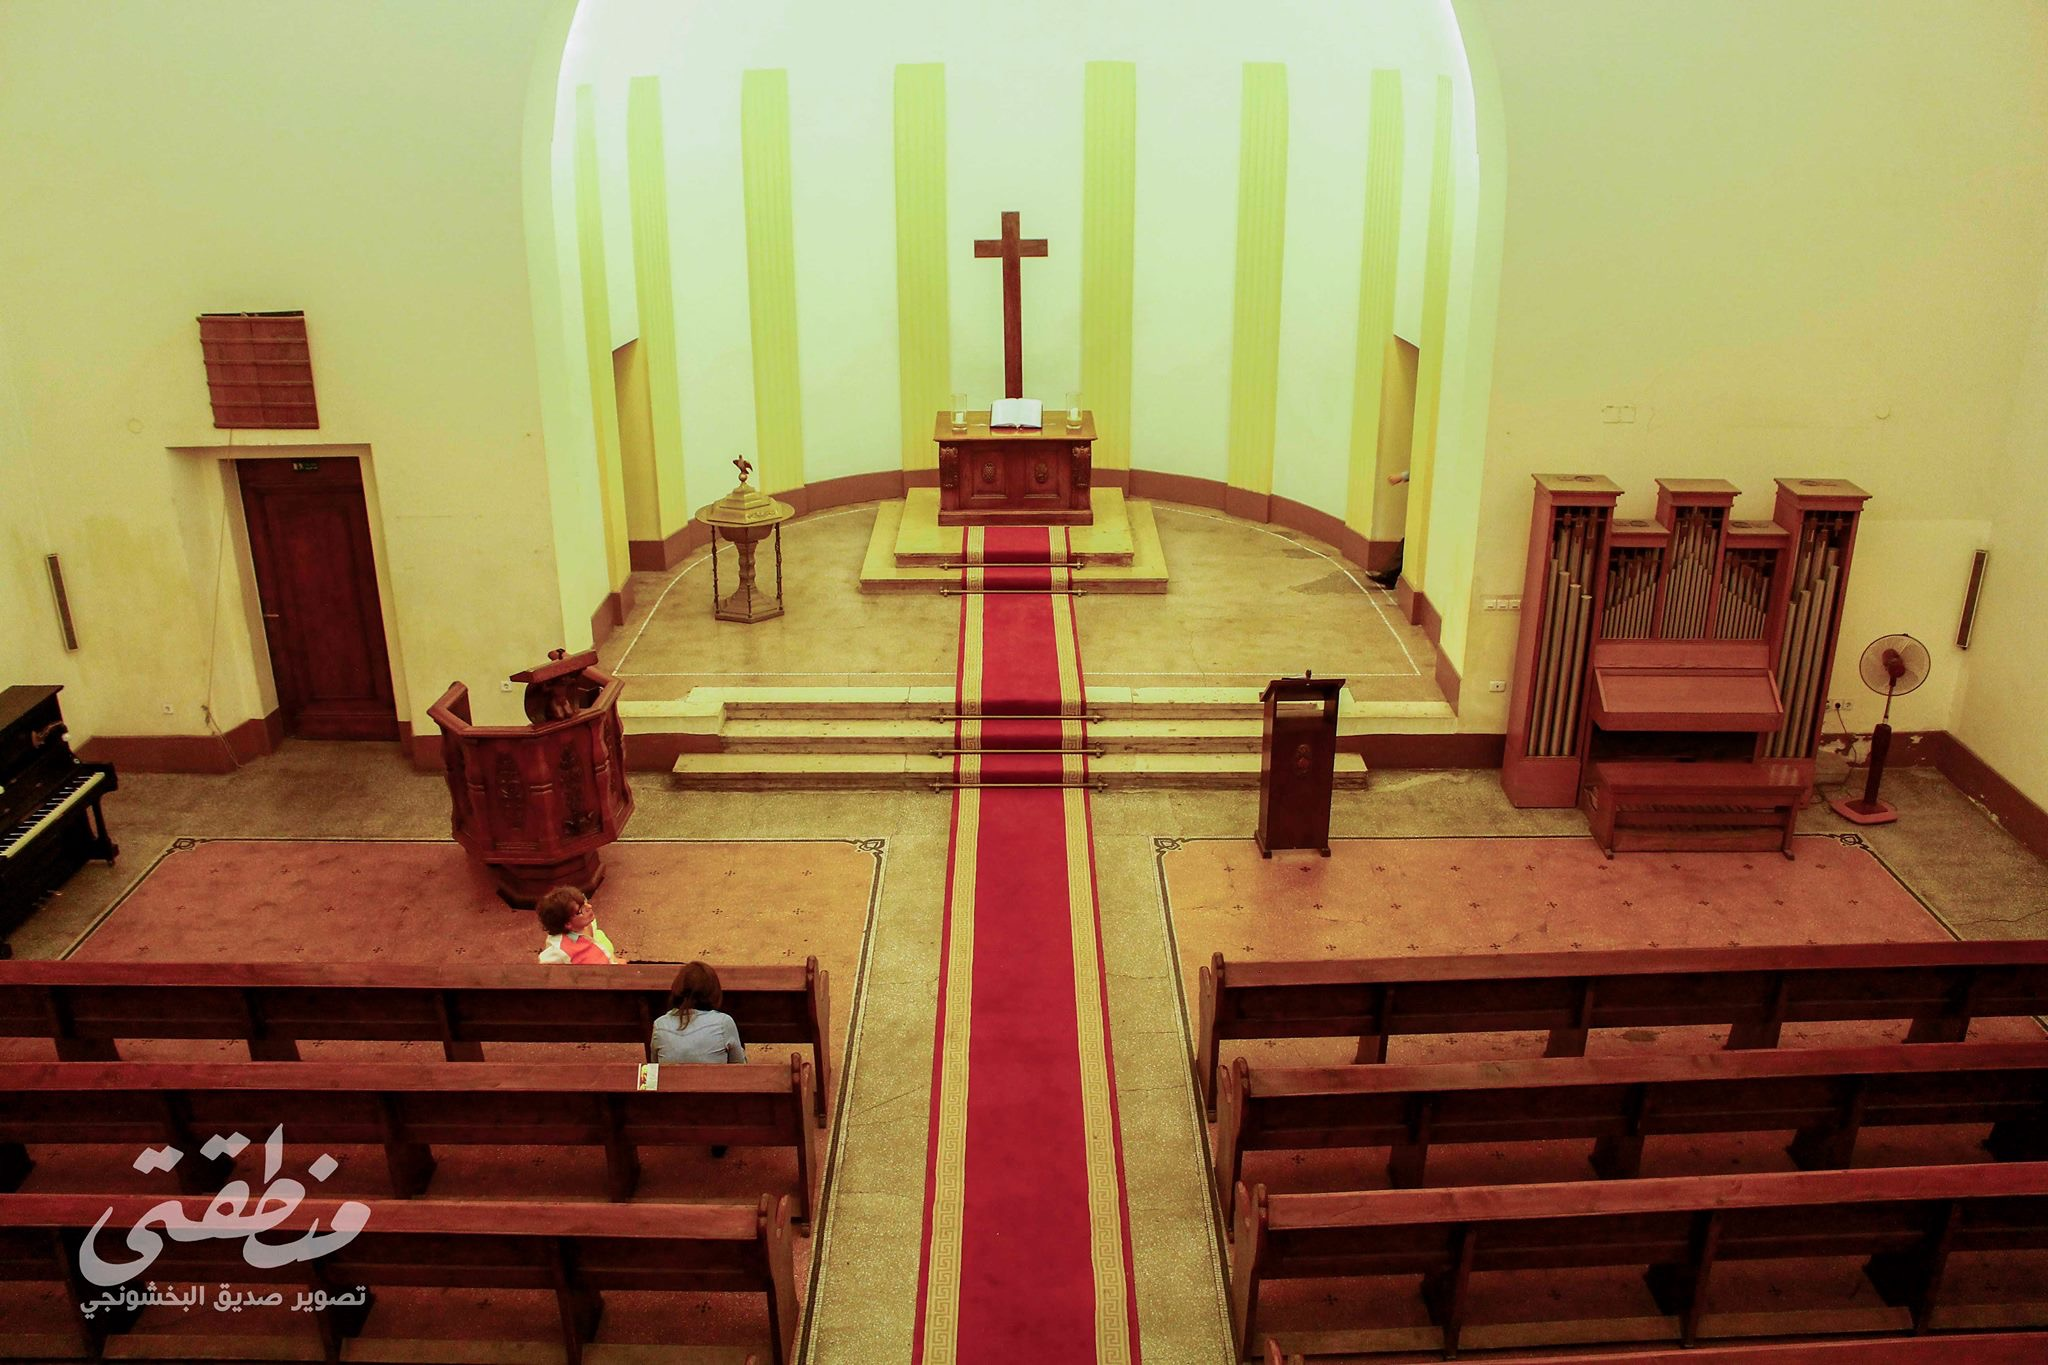 بهو الكنيسة الألمانية بوسط البلد